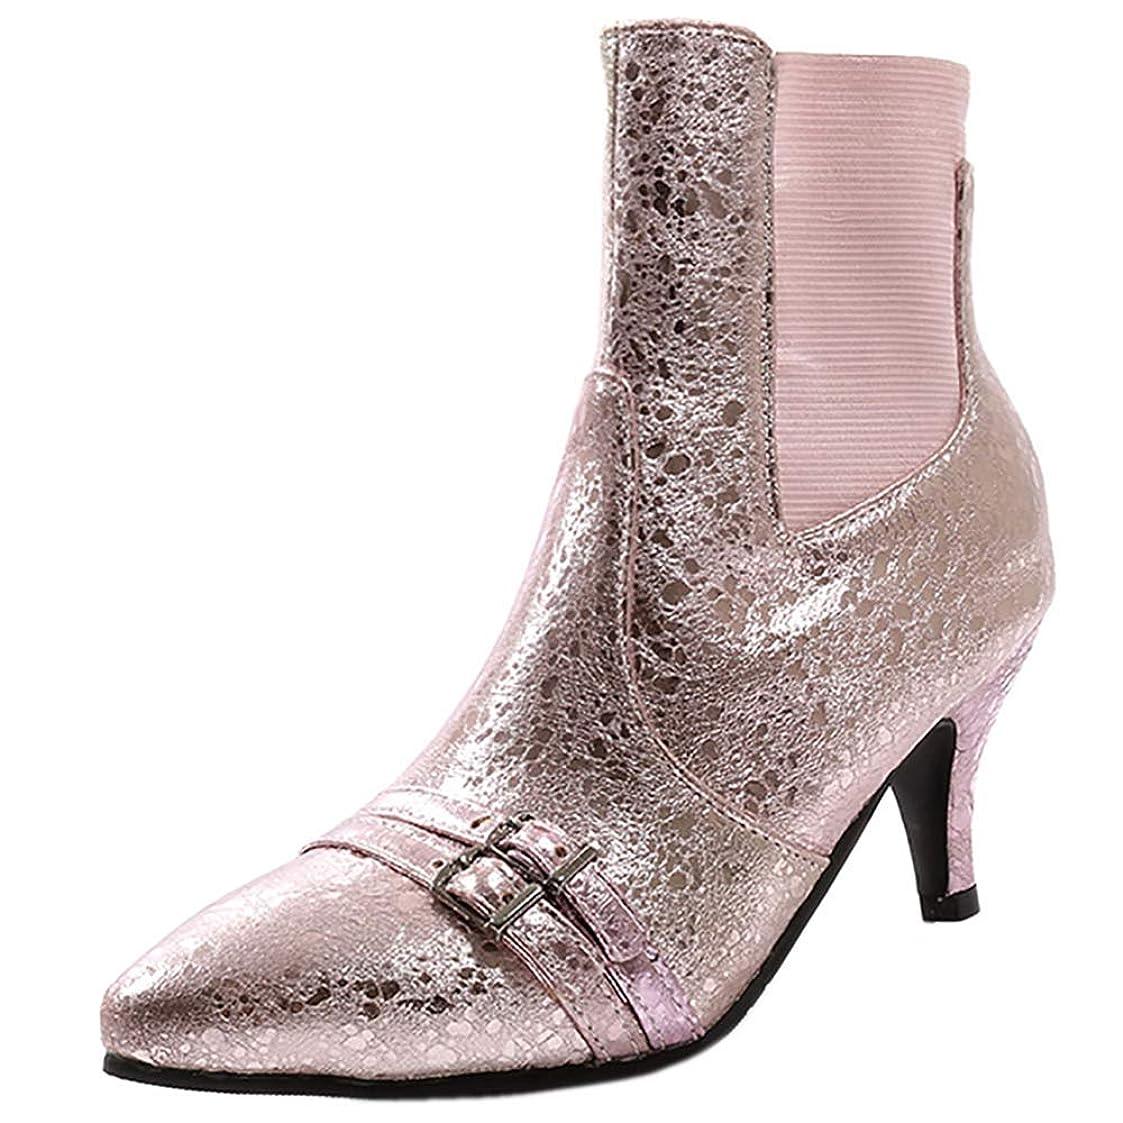 ポンペイハードリングコロニアル[Unm] レディーズ ファッション ミッドヒール チェルシー ブーツ